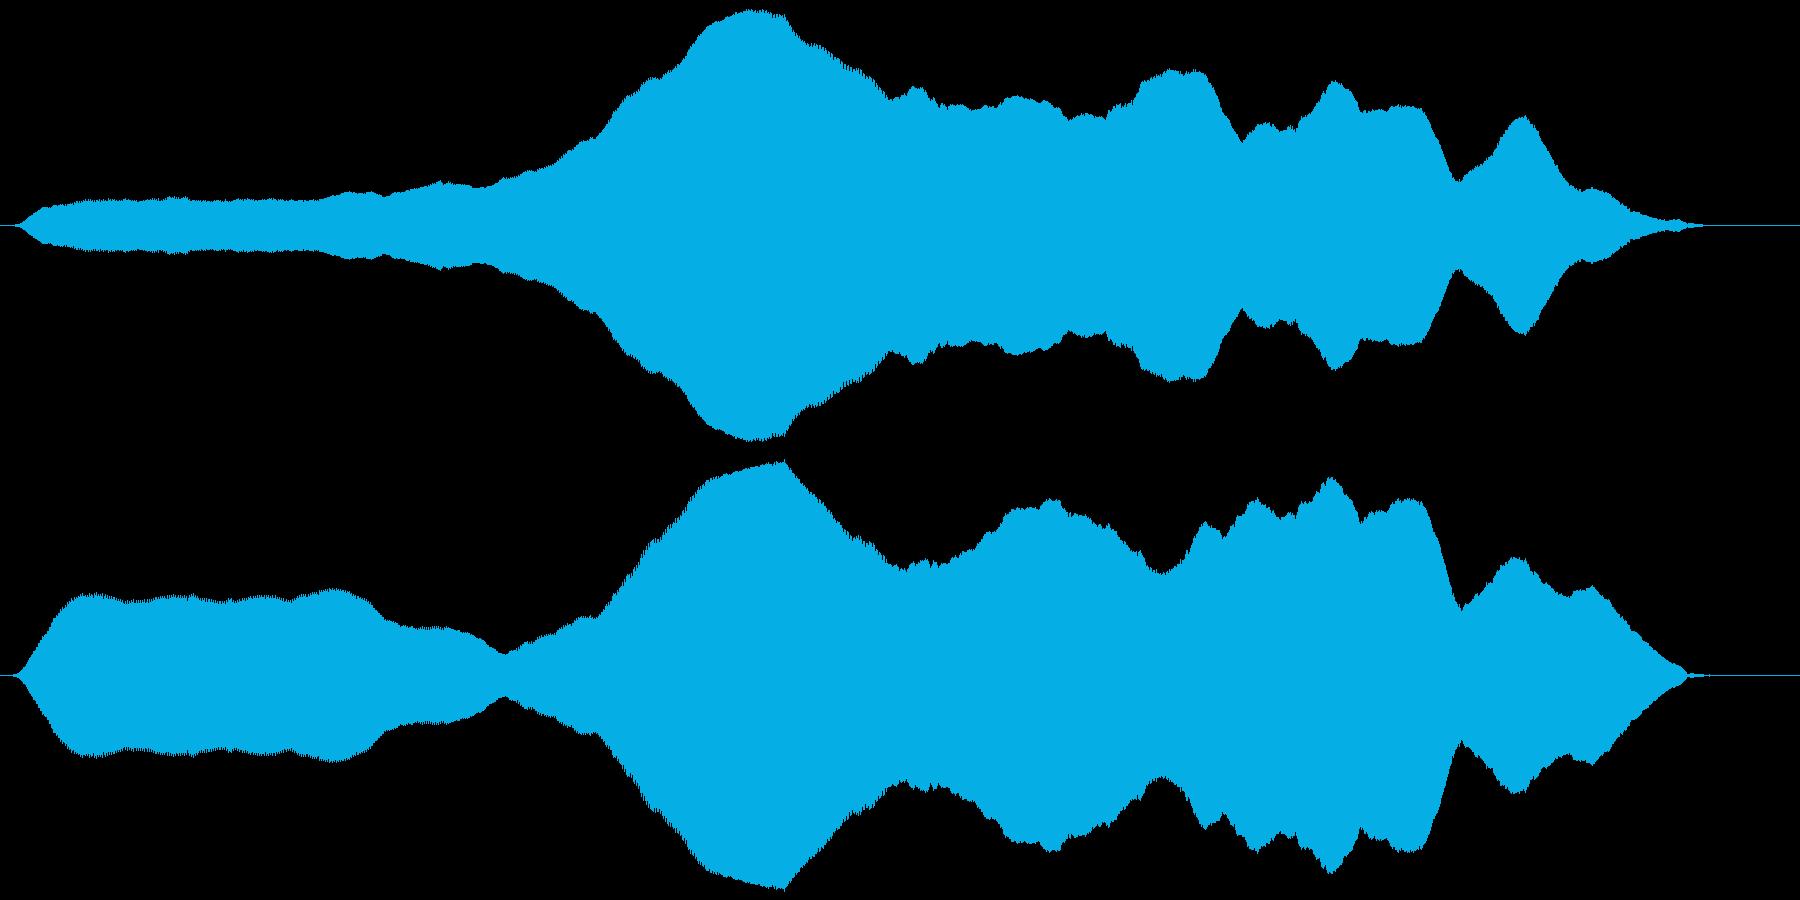 オノマトペ(ゆっくりと上昇)ヒヨーォーゥの再生済みの波形